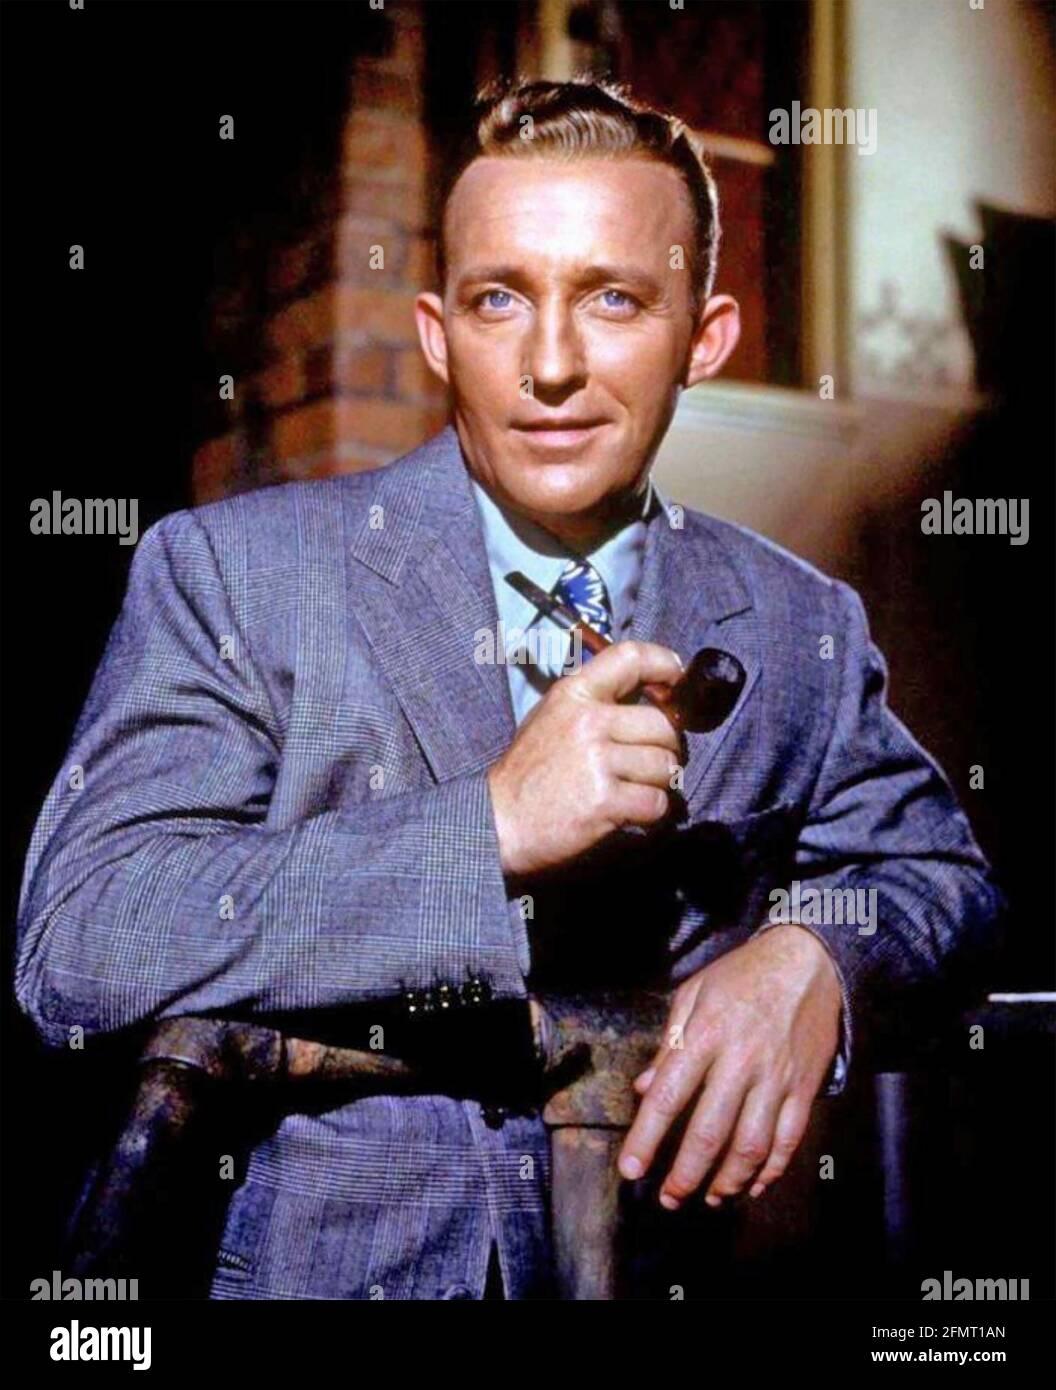 BING CROSBY (1903-1977) Amerikaner, Sänger und Filmschauspieler um 1950 Stockfoto